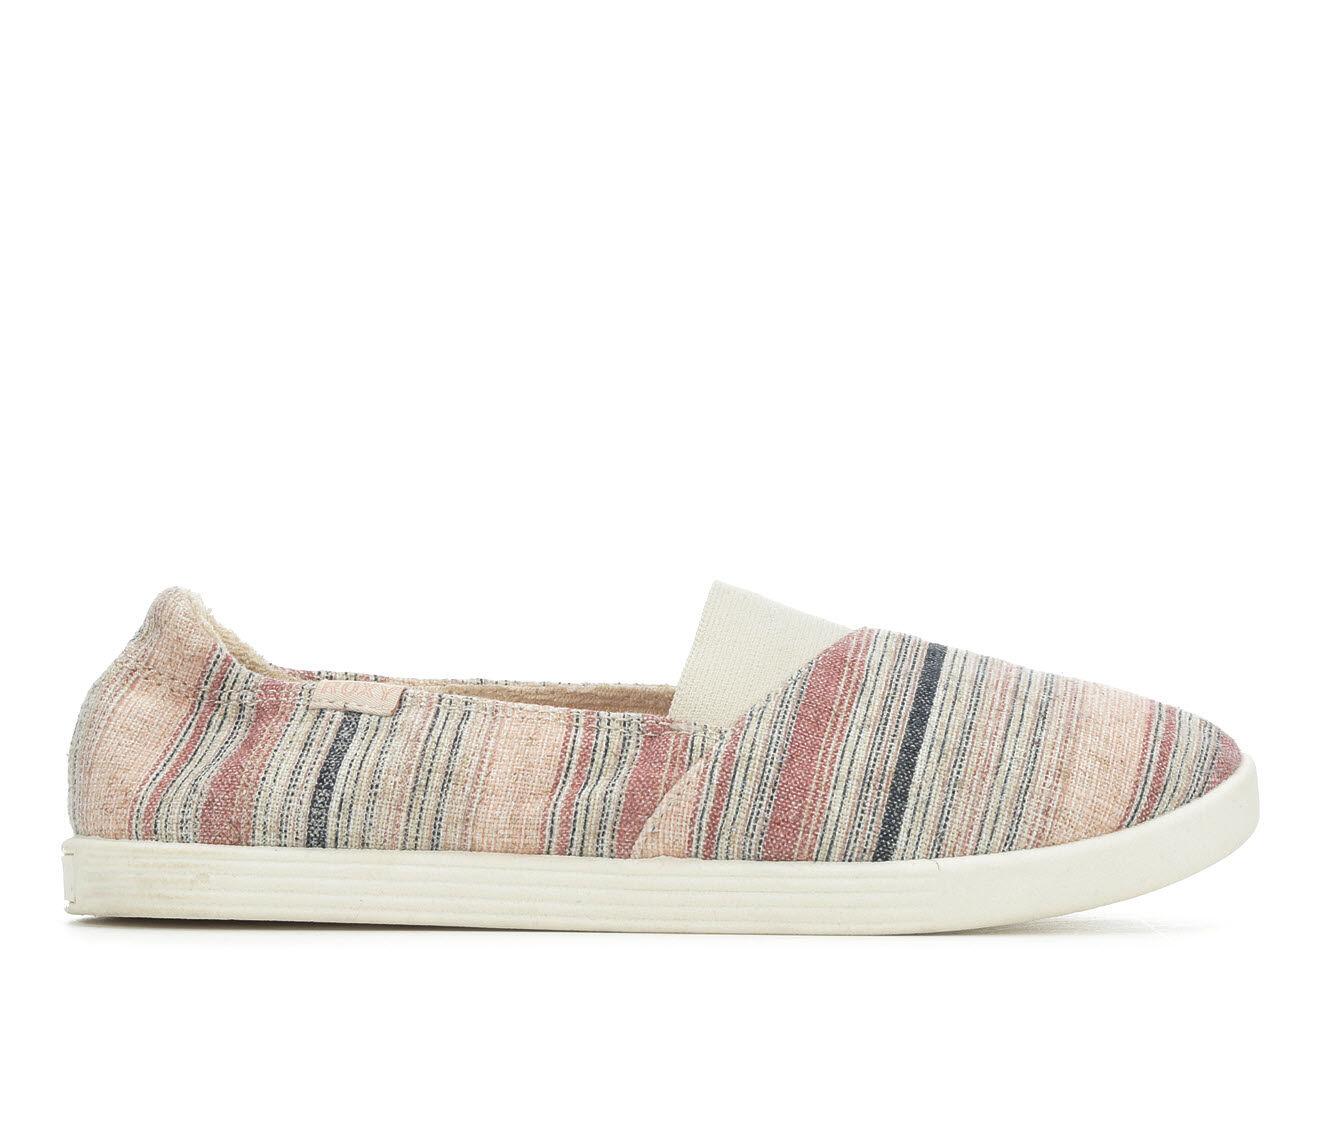 Women's Roxy Danaris Sneakers Pink Stripe